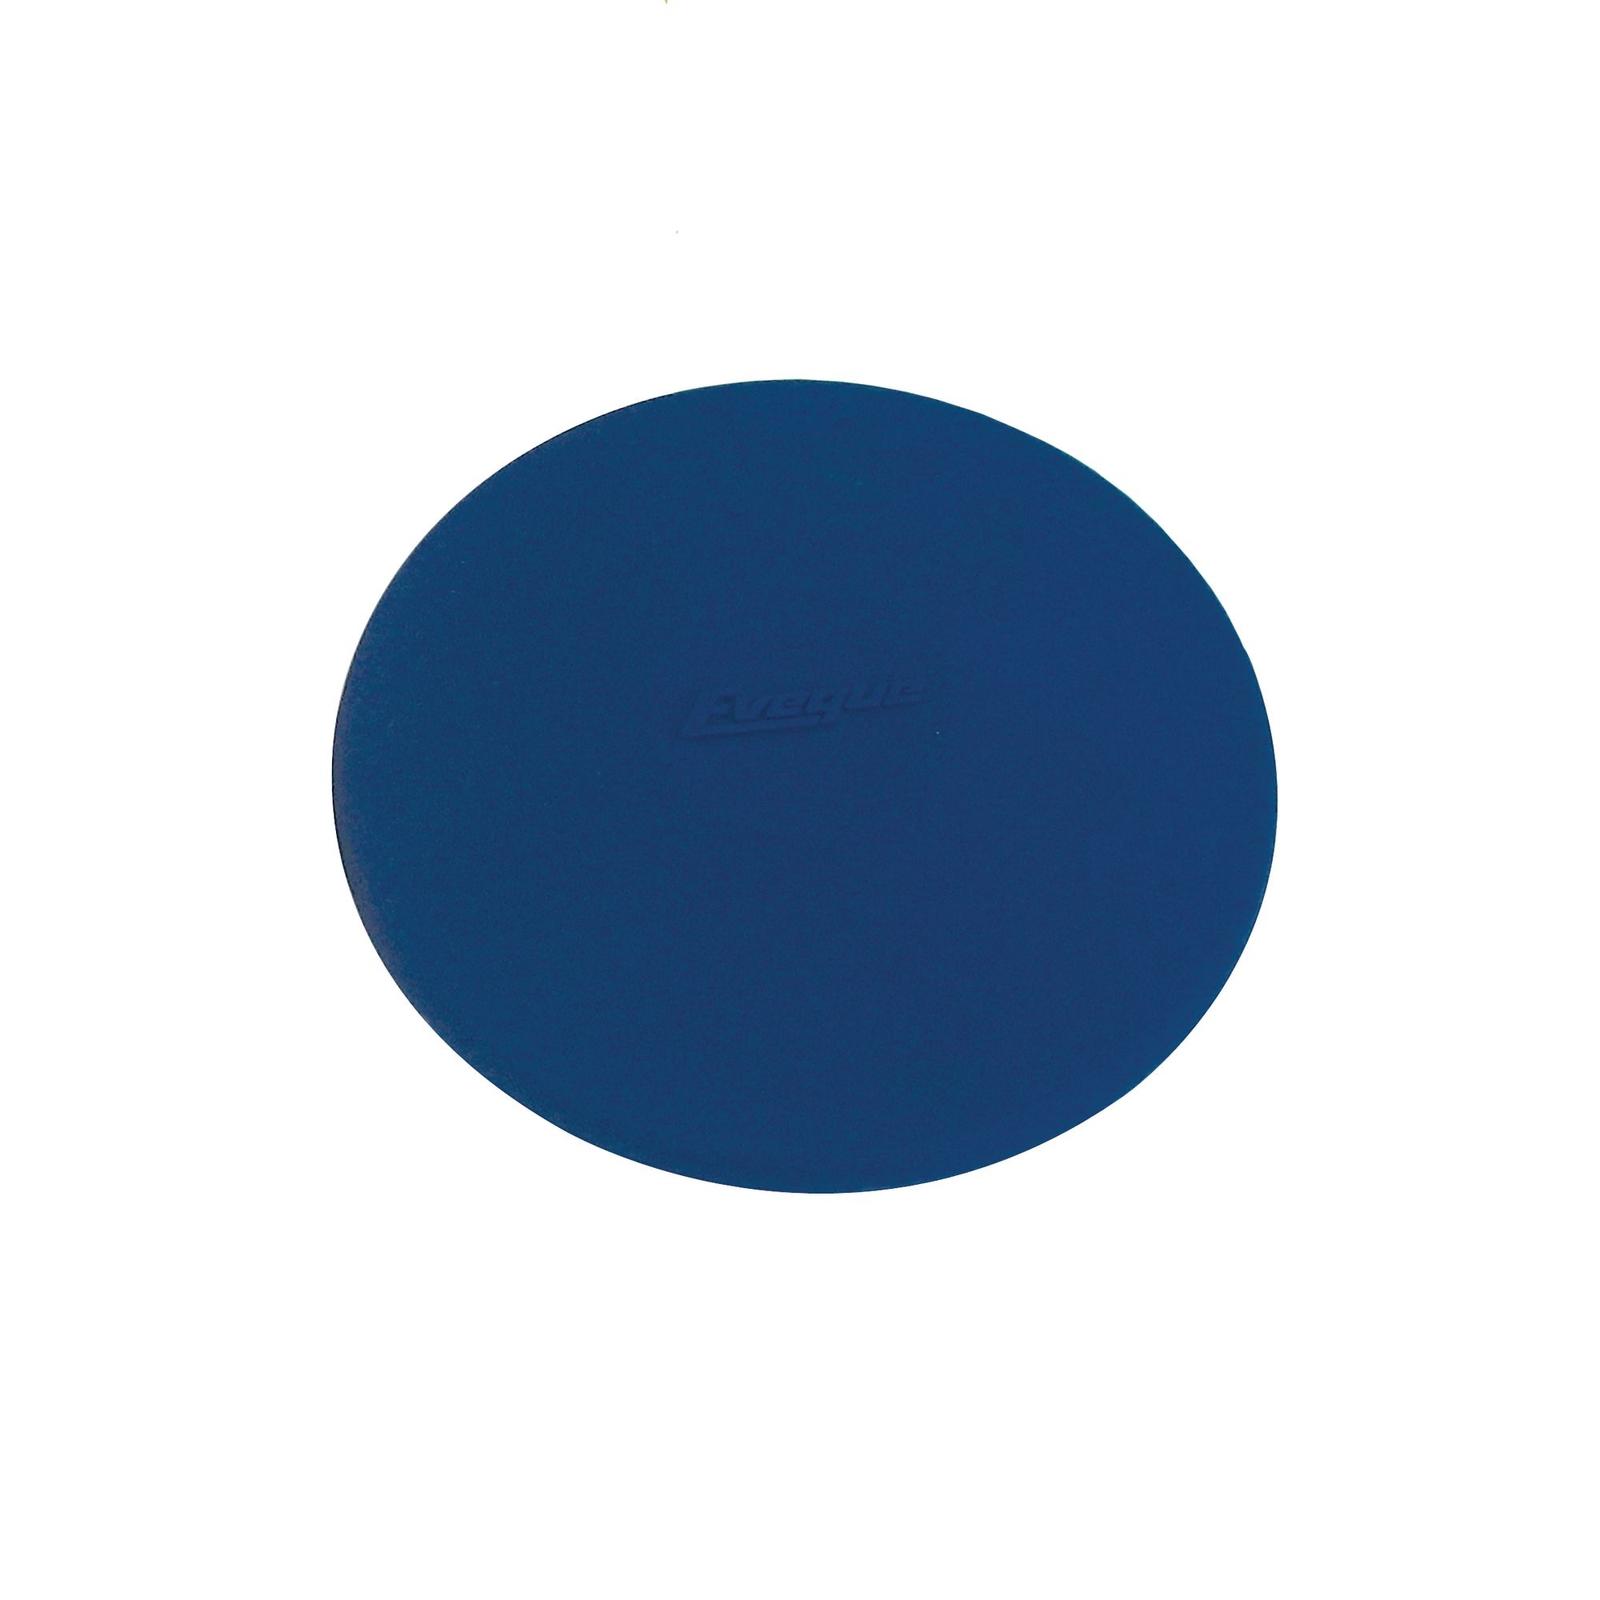 Eveque Primary Discus - 200g - Blue